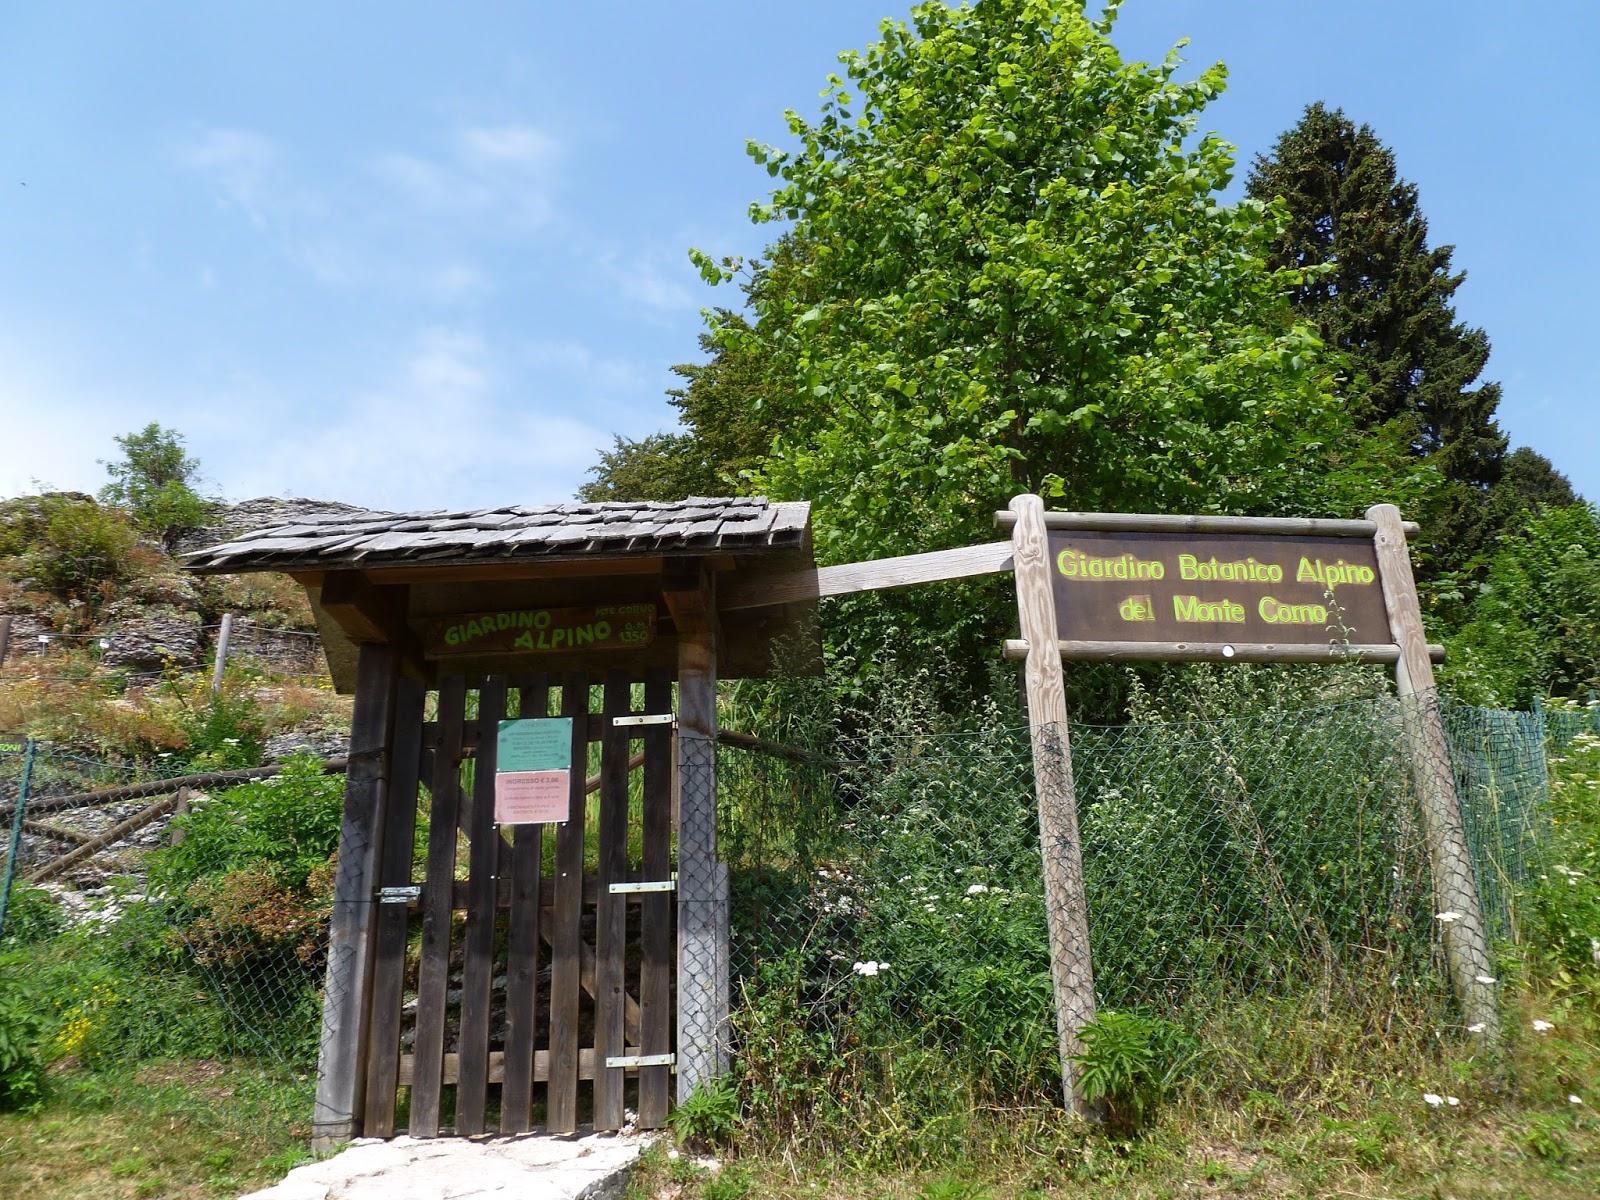 Cover Giardino botanico alpino di Monte Corno